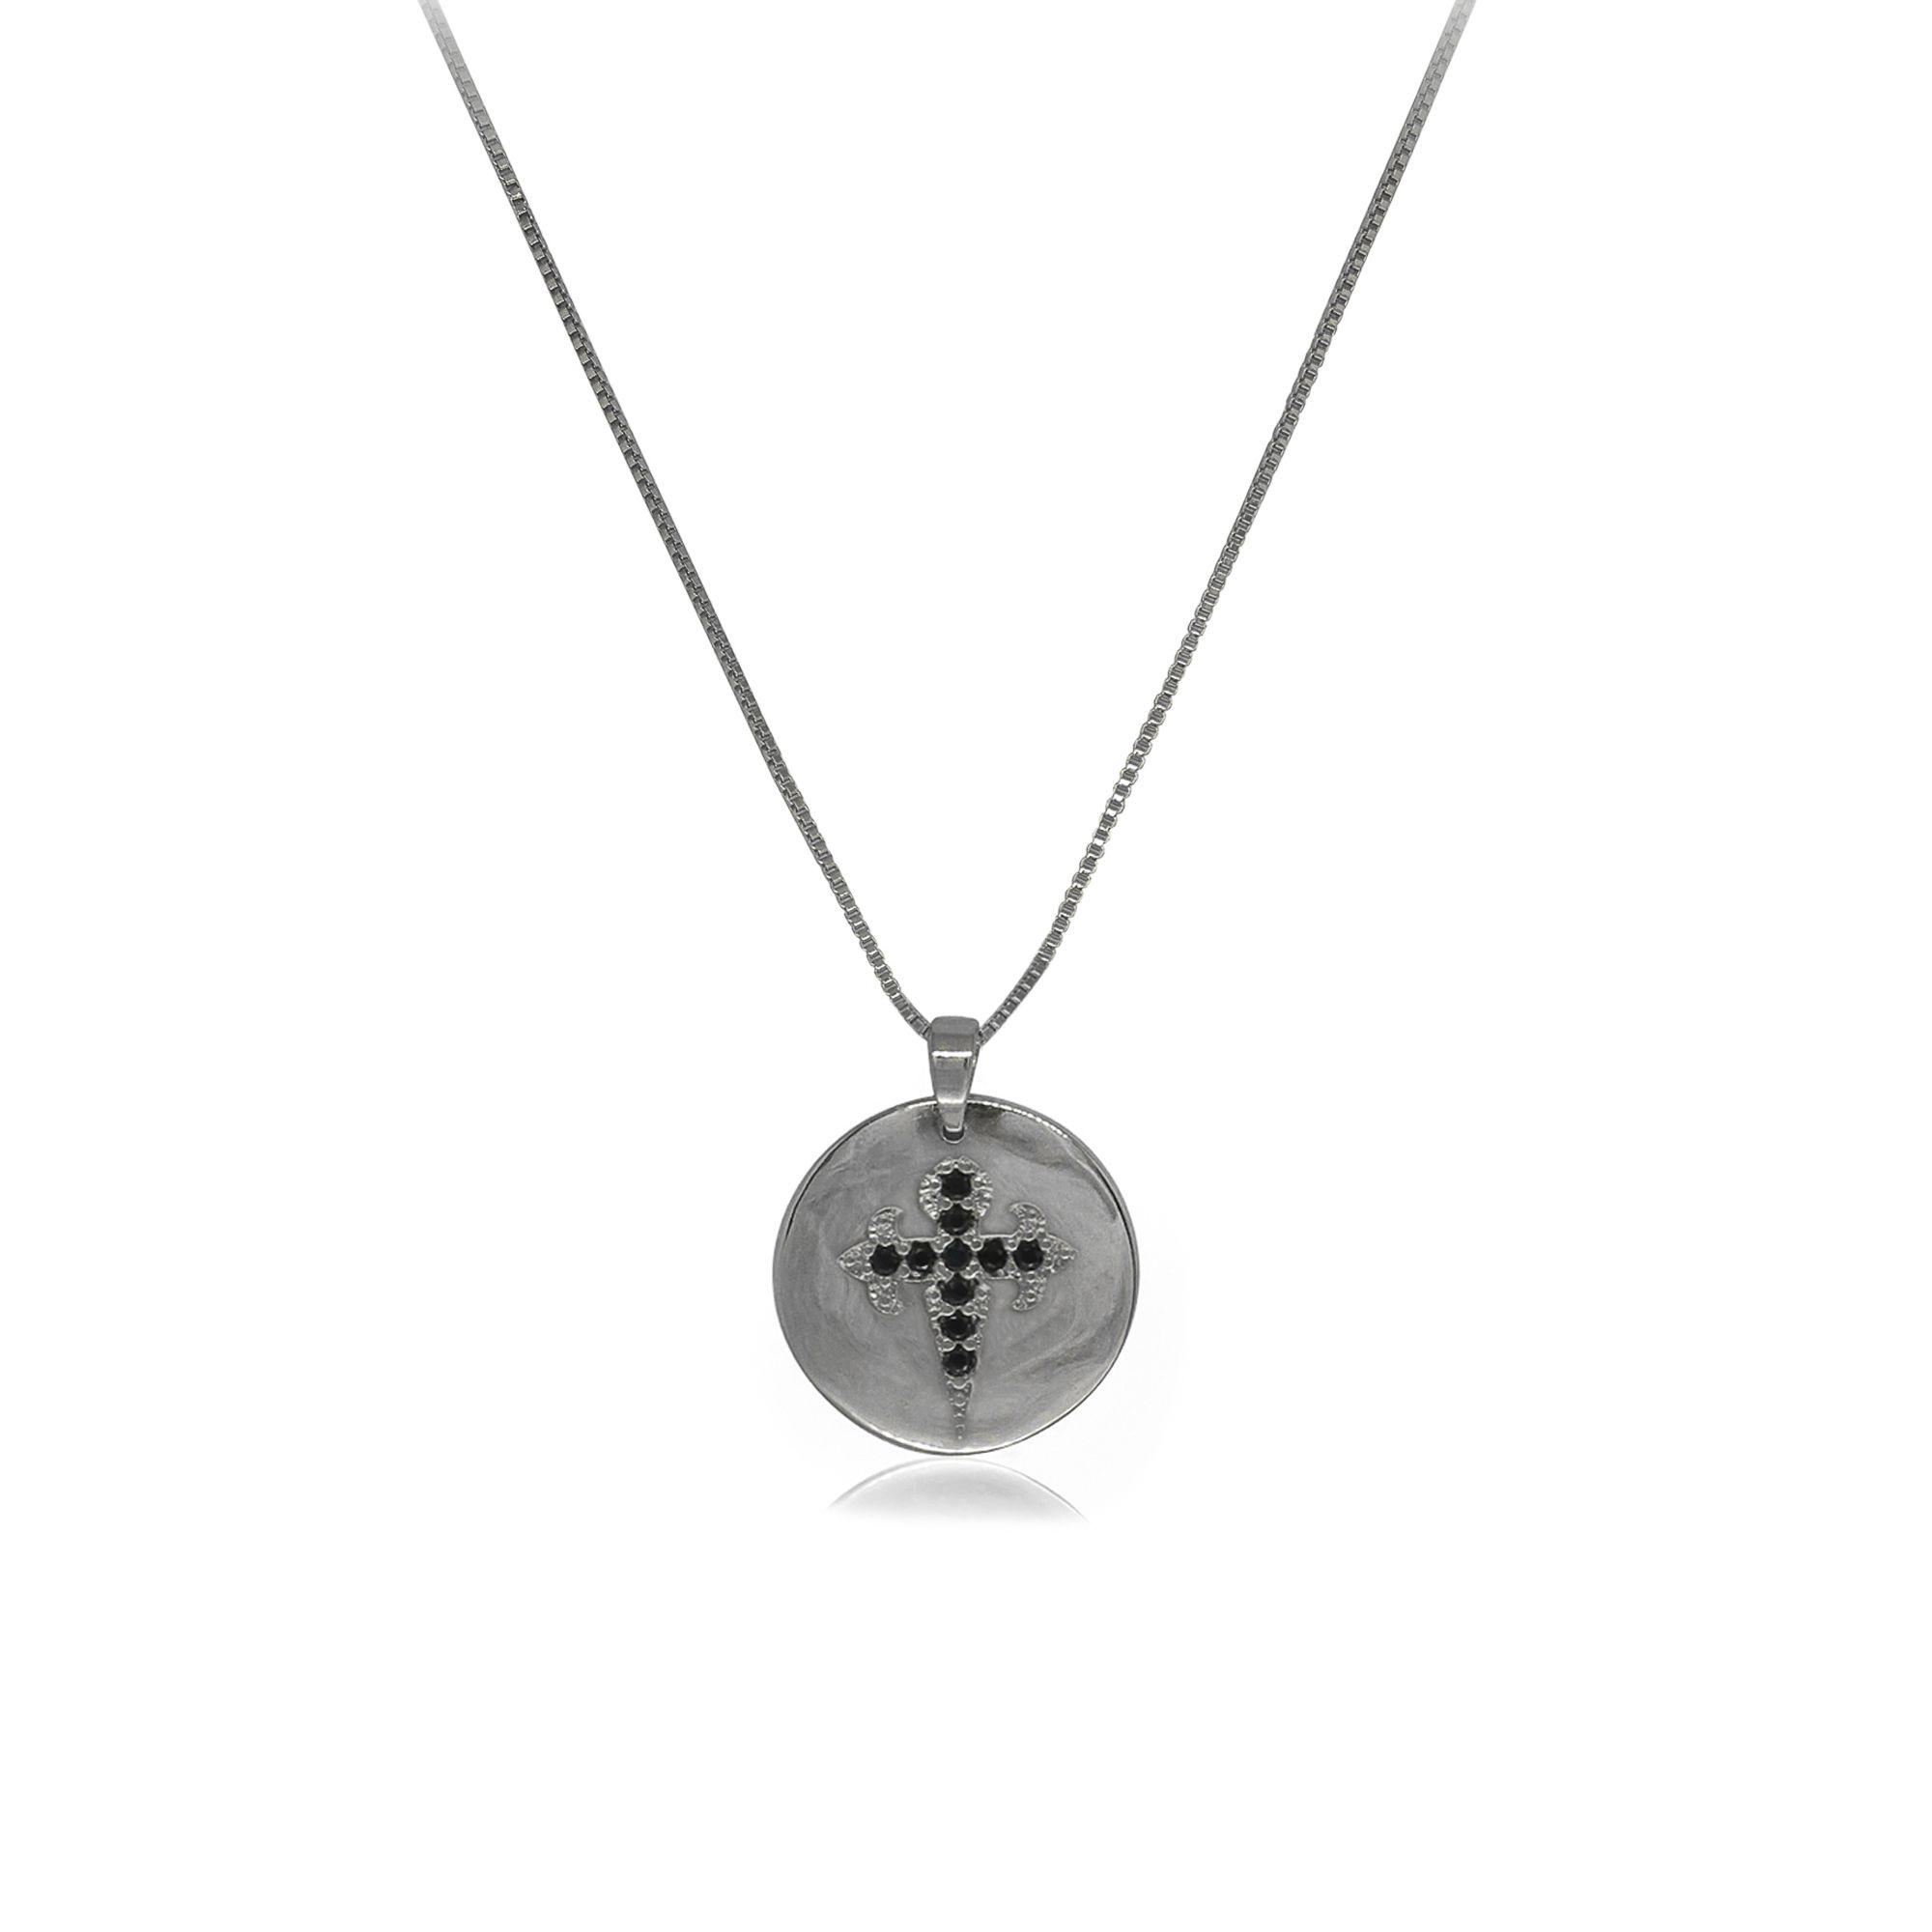 Colar Semi joia banhado a ouro 18k ou rhodium Mandalinha Cruz de Santiago cravejado em micro zircônia